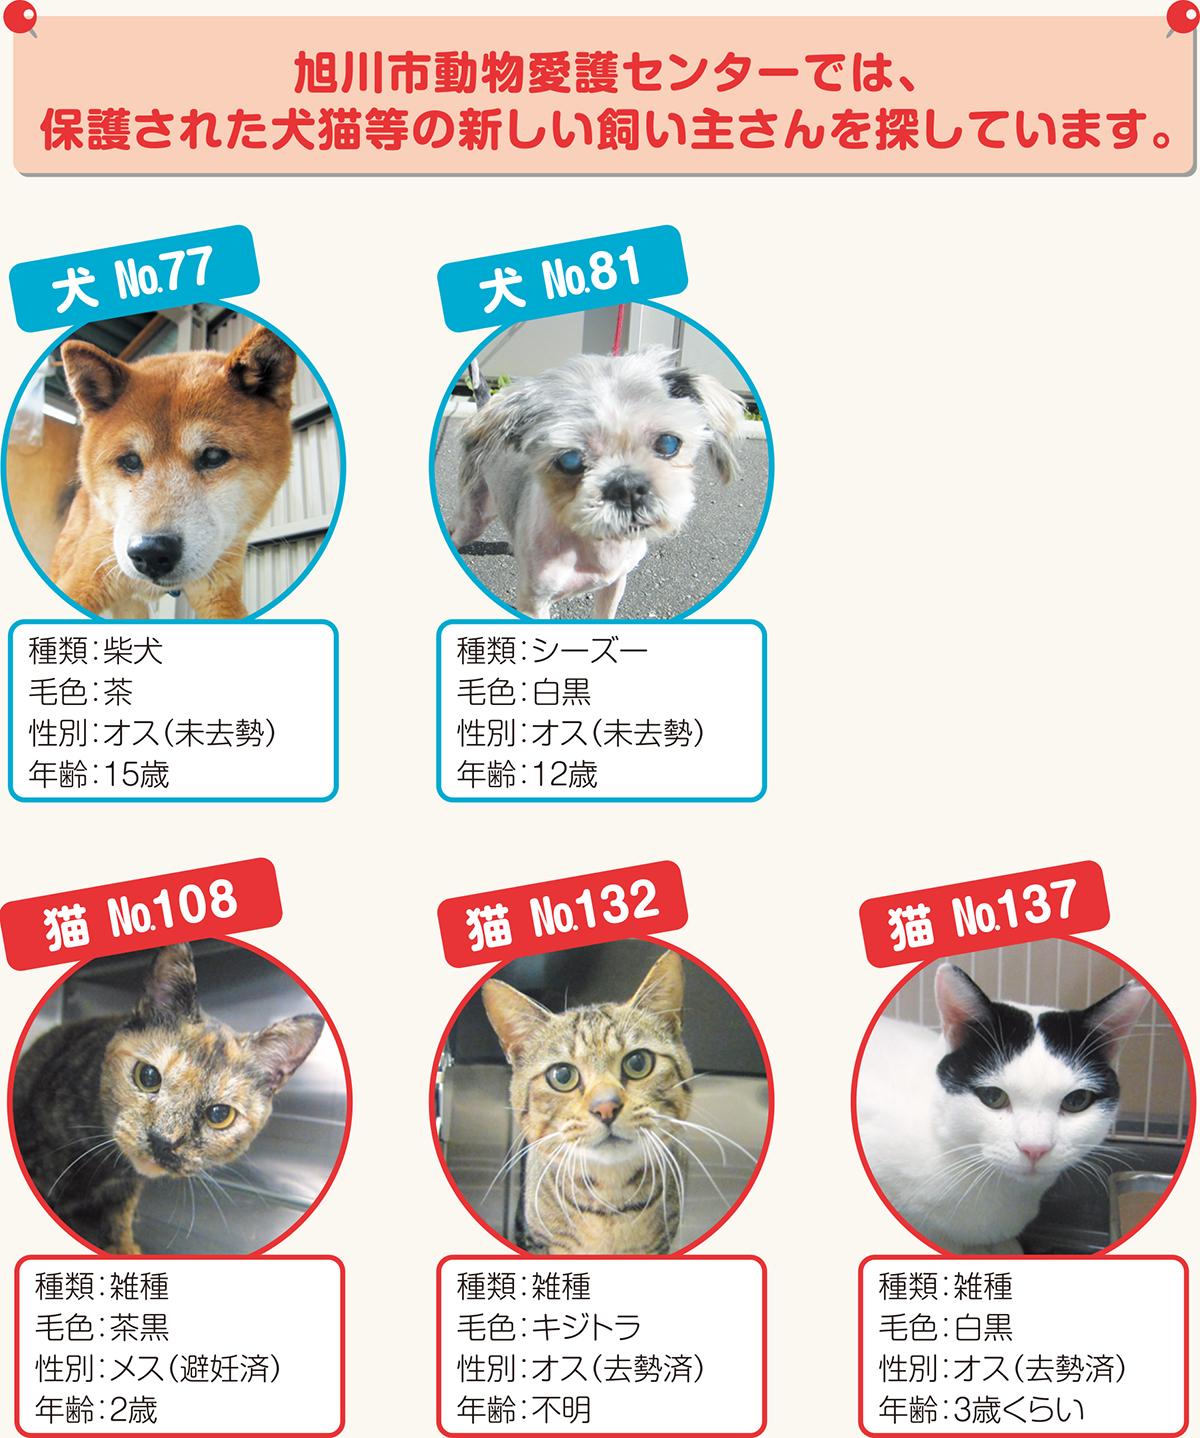 北海道 保護 犬